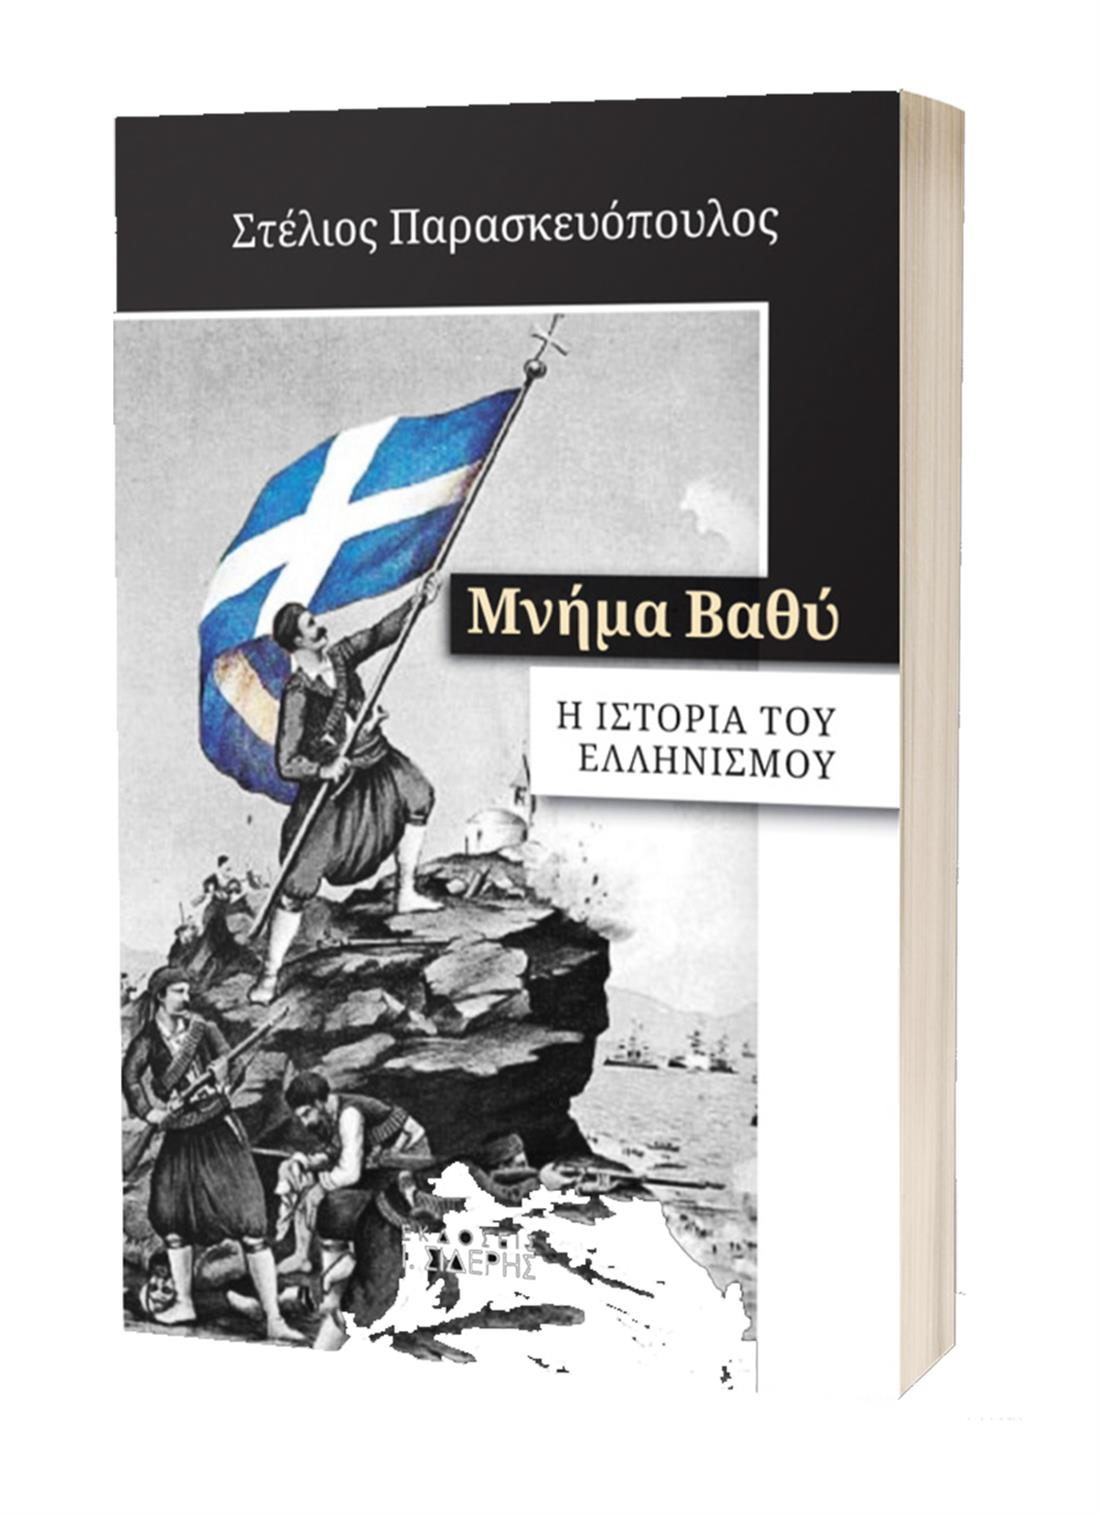 Στέλιος Παρασκευόπουλος - βιβλίο - Μνήμα Βαθύ